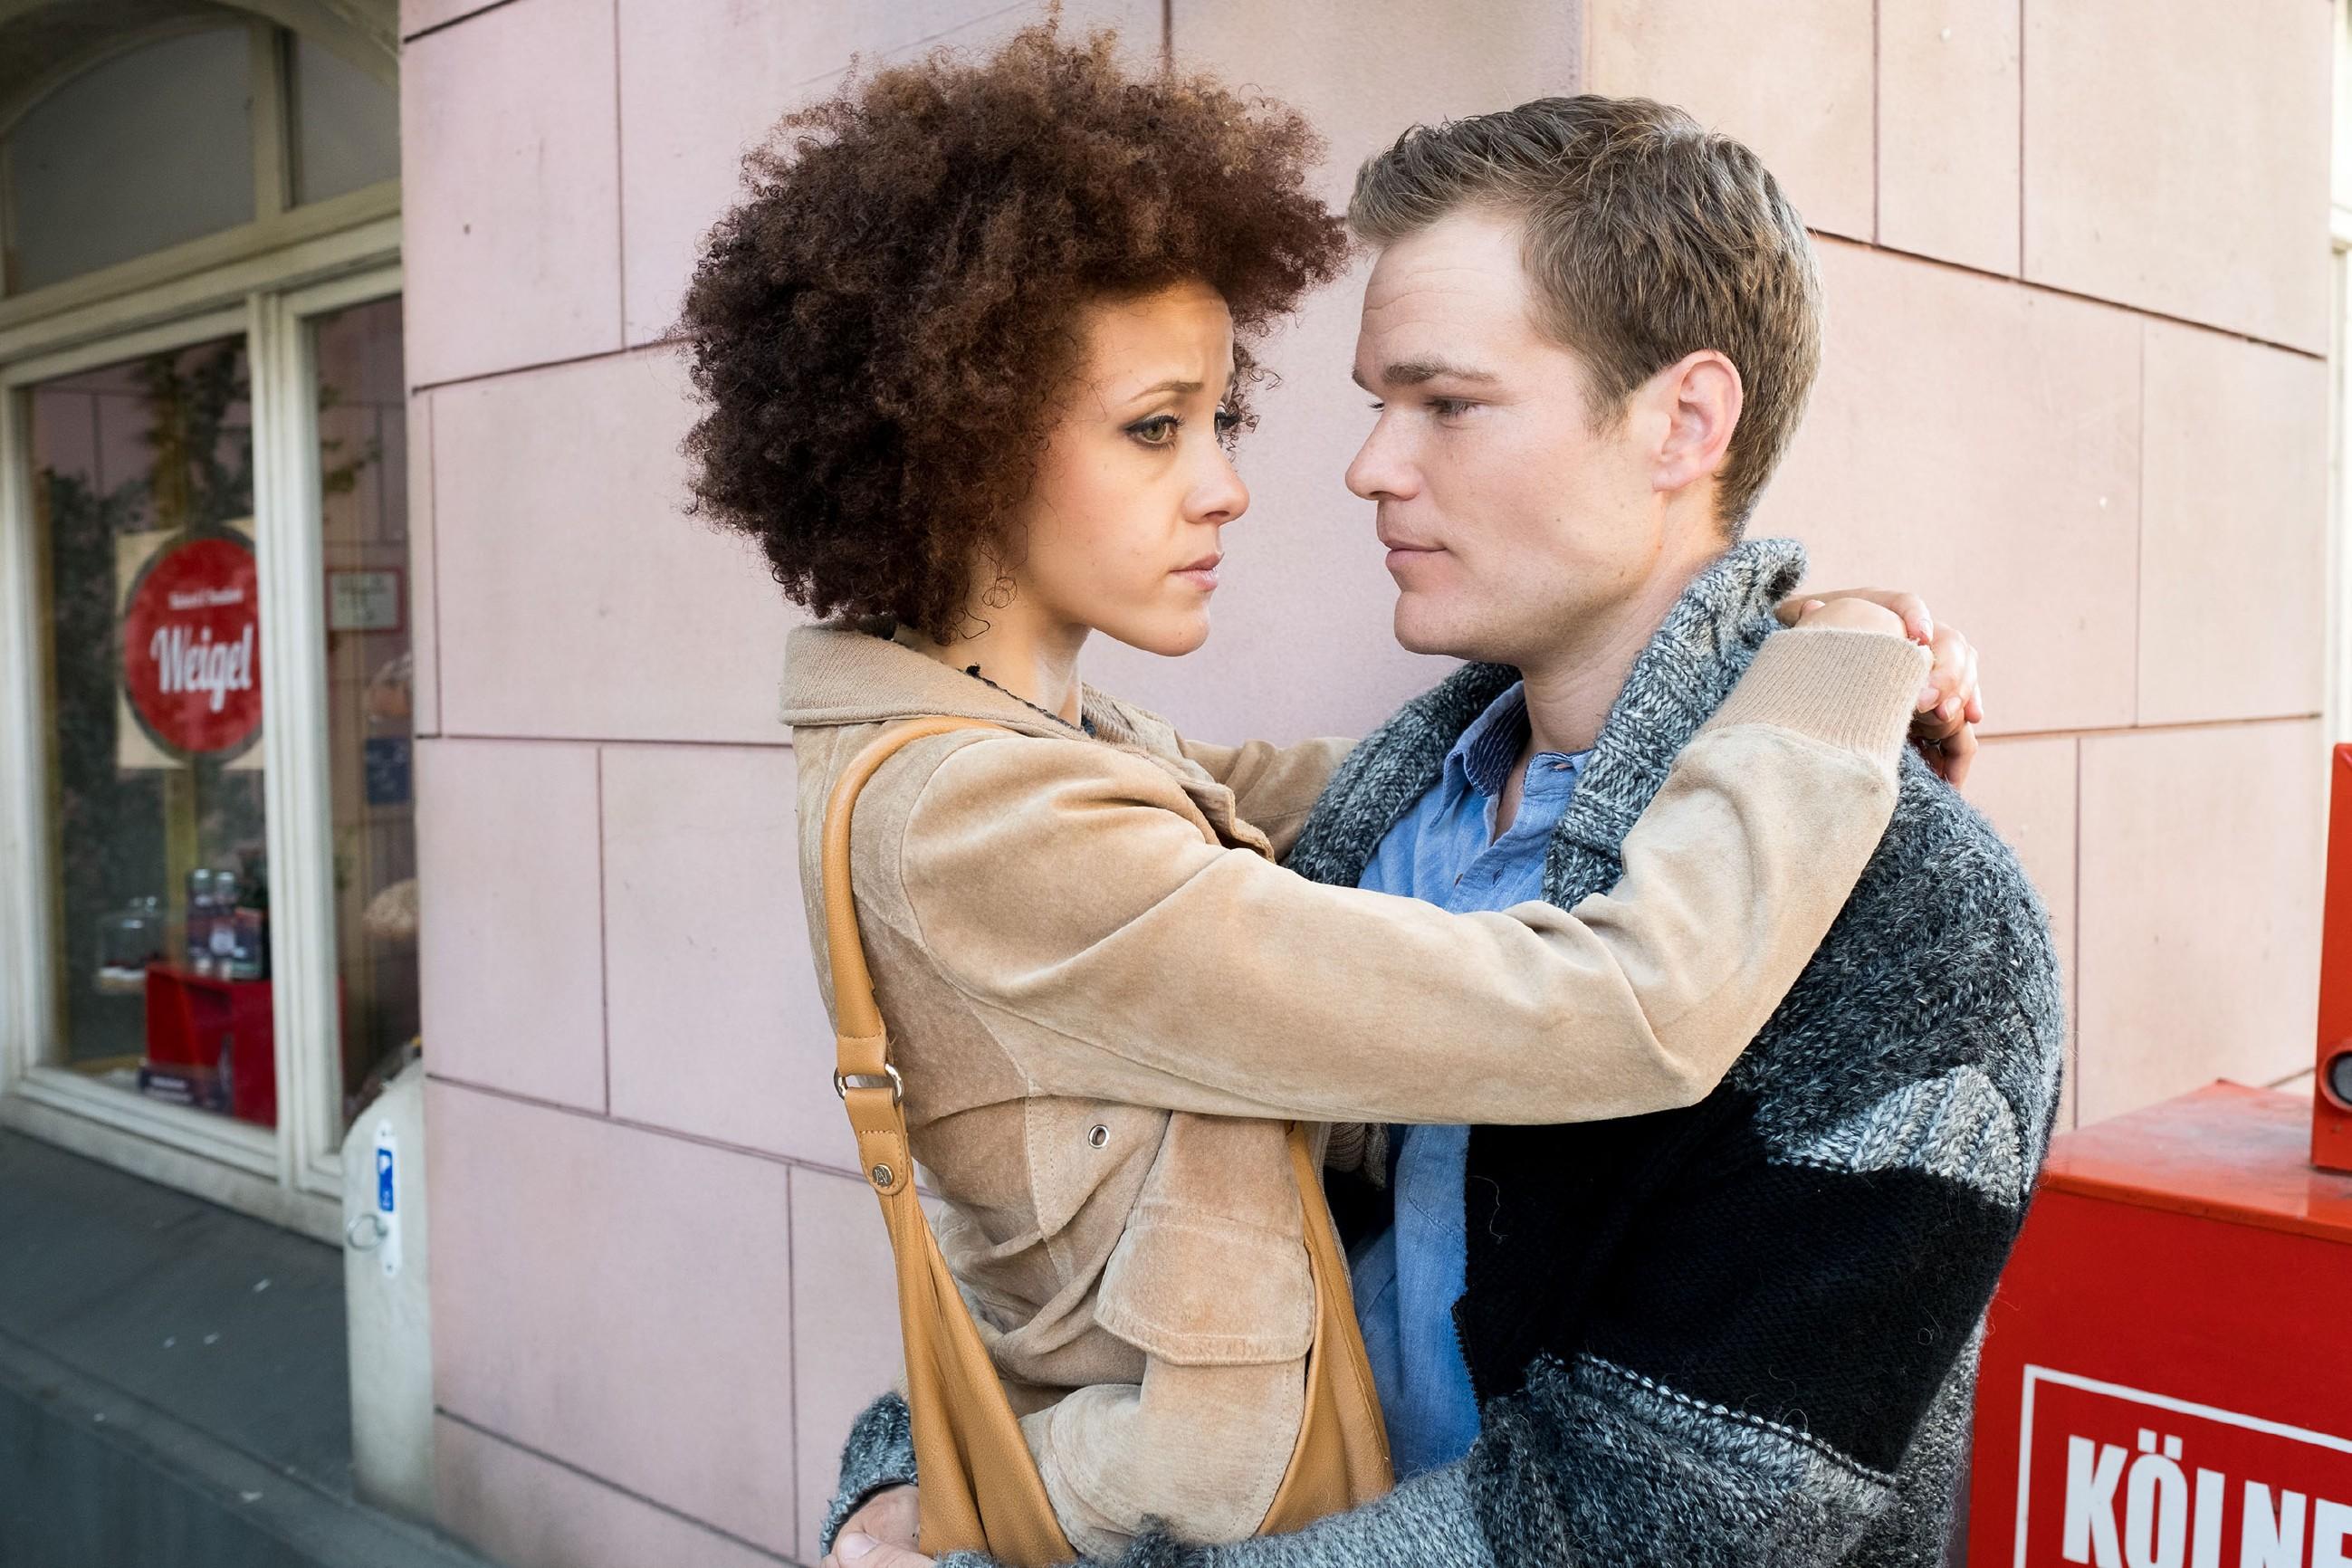 Micki (Joy Lee Müller-Abiola) versucht sich auf Sam (Tobias Schönenberg) zu konzentrieren und drückt ihre Unsicherheit bezüglich der Scheidung bemüht beiseite.